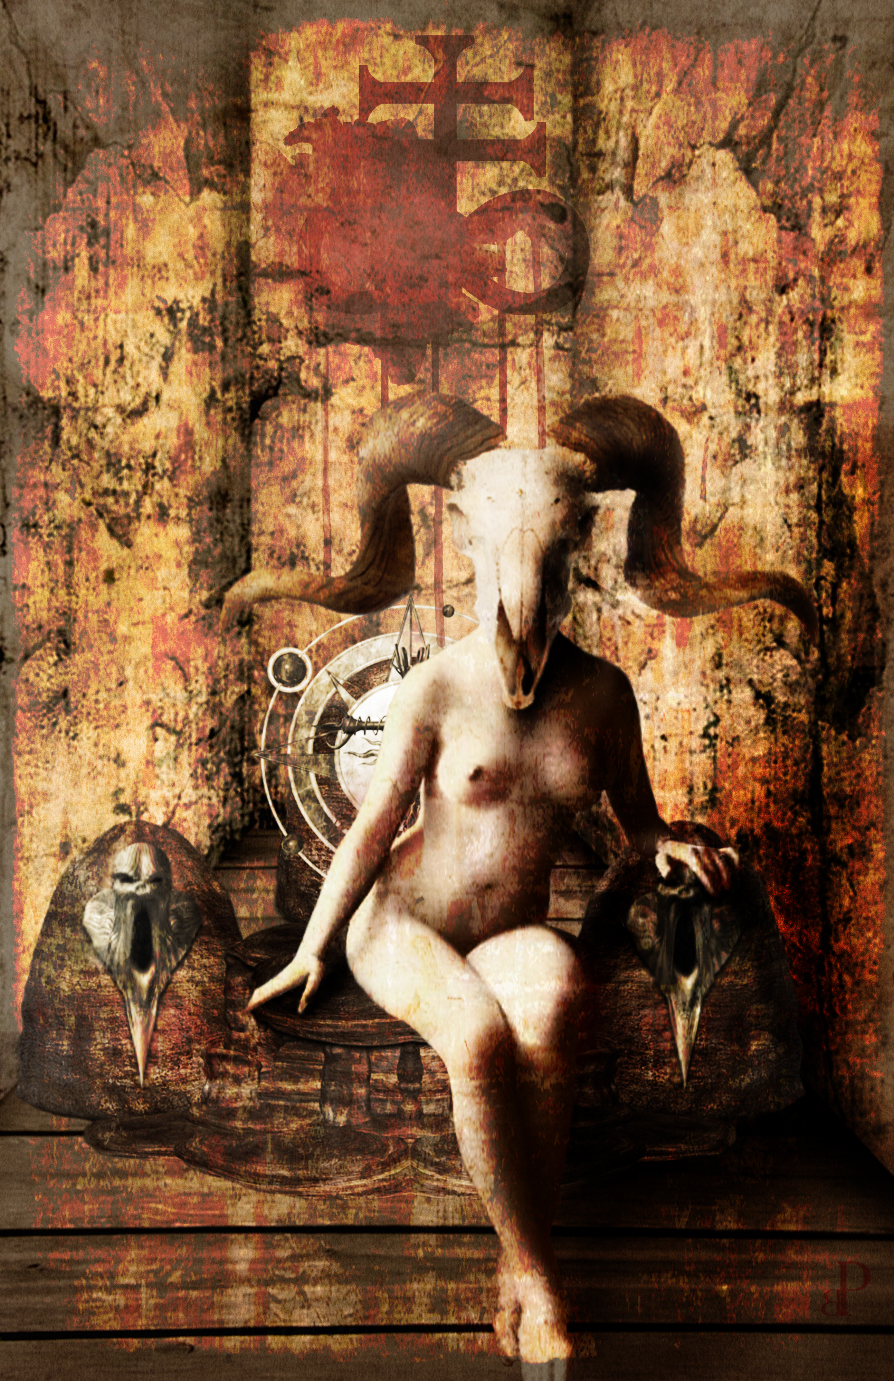 Art satanic In a